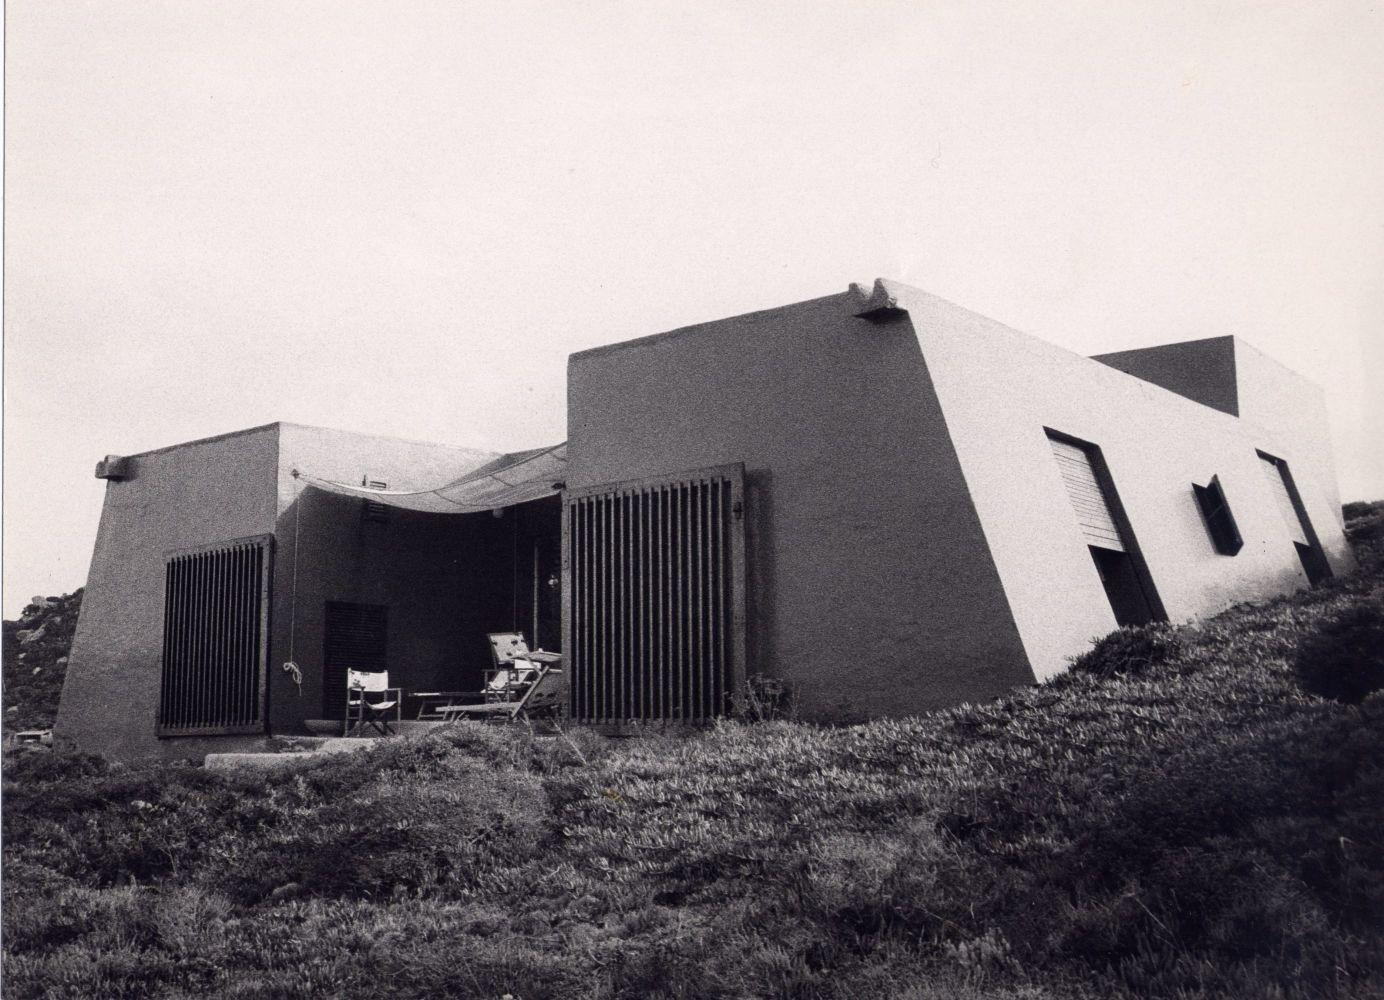 Cini Boeri, Casa Quadrata, 1967, isola de La Maddalena, foto di Giovanna Nuvoletti